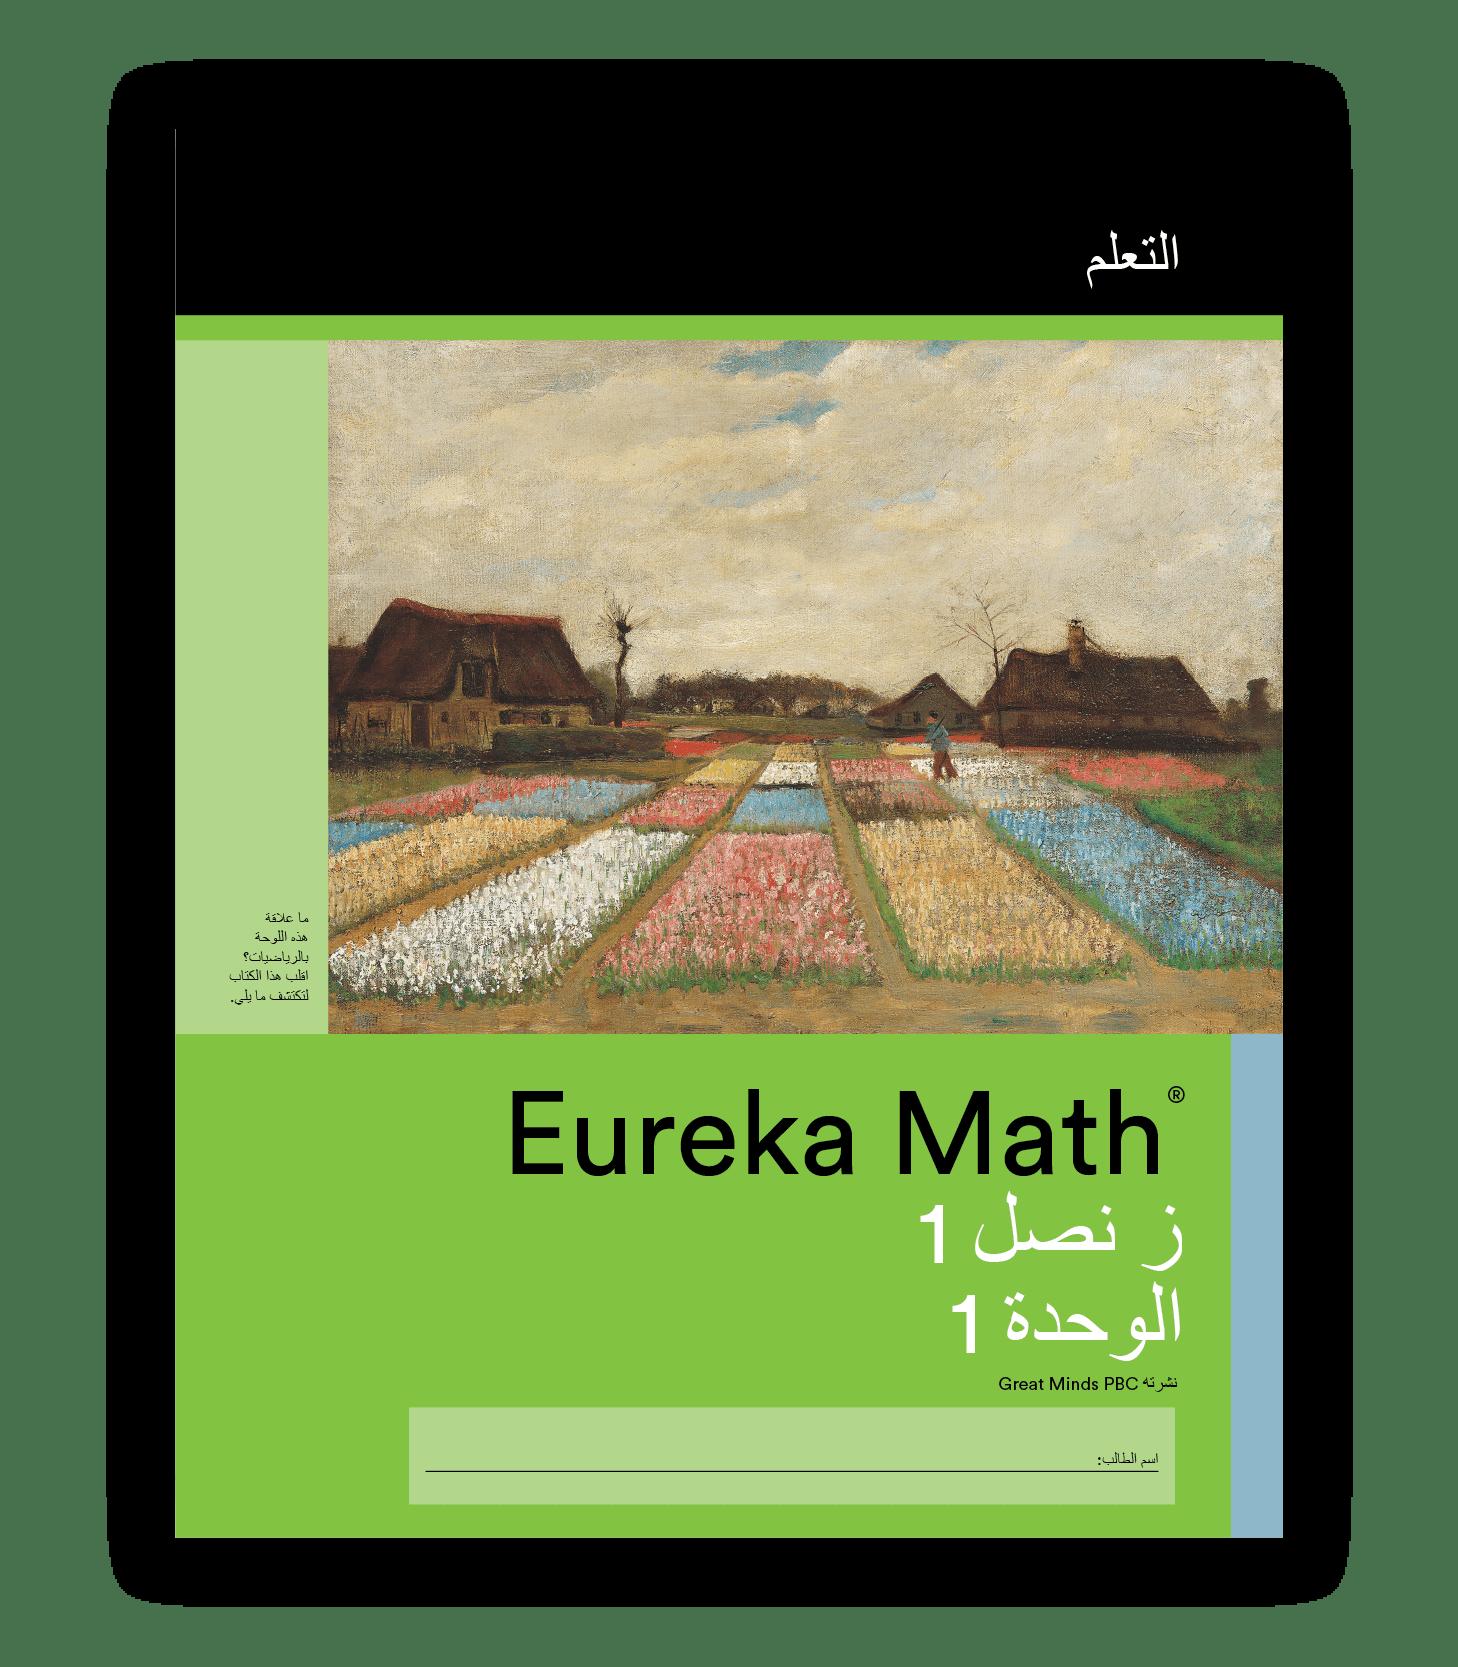 Eureka Math Learn Book in Arabic for Grade 1